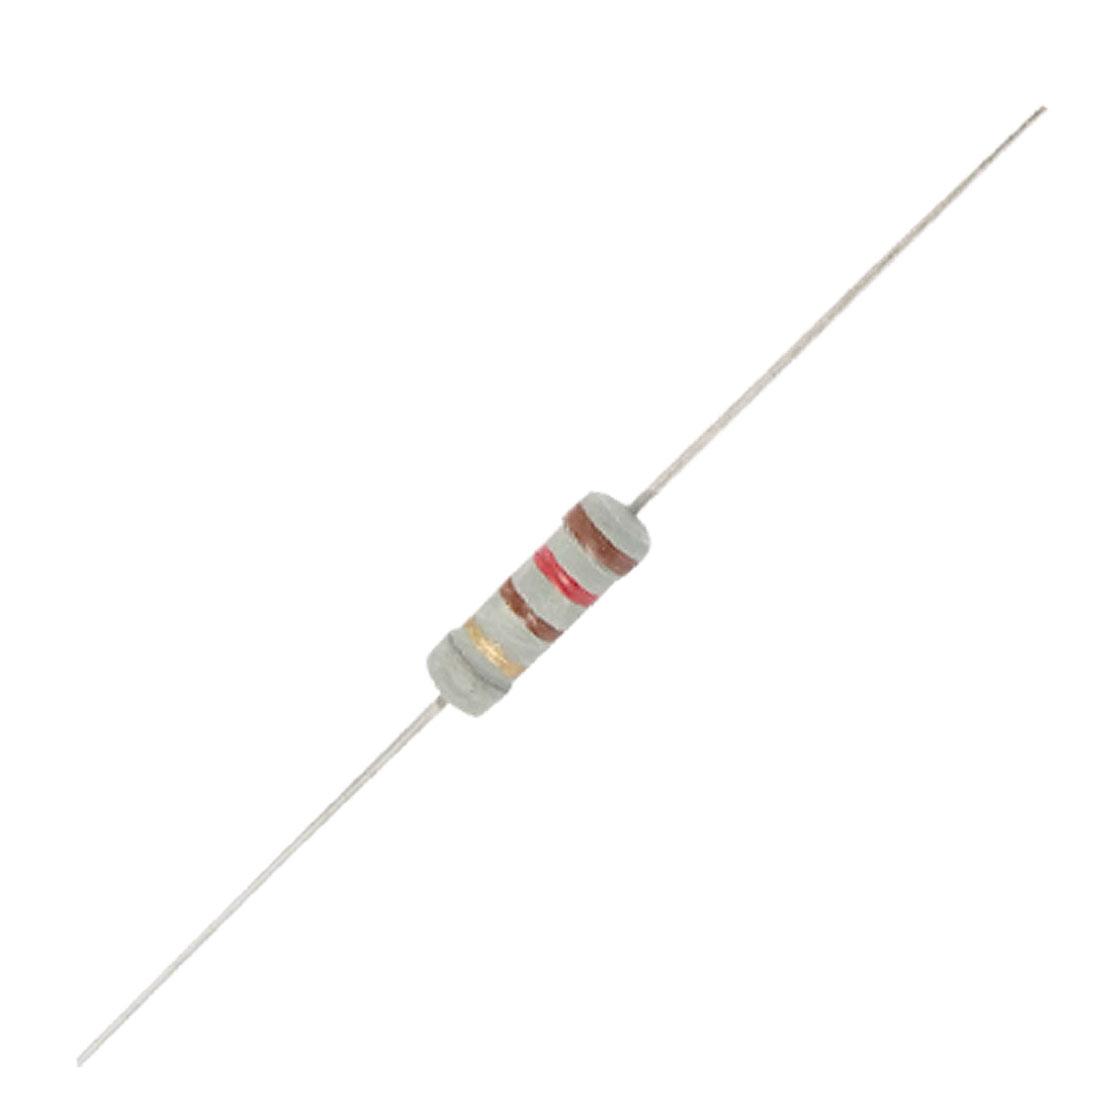 120 ohm 1W Through Hole Carbon Film Resistors 500 Pcs